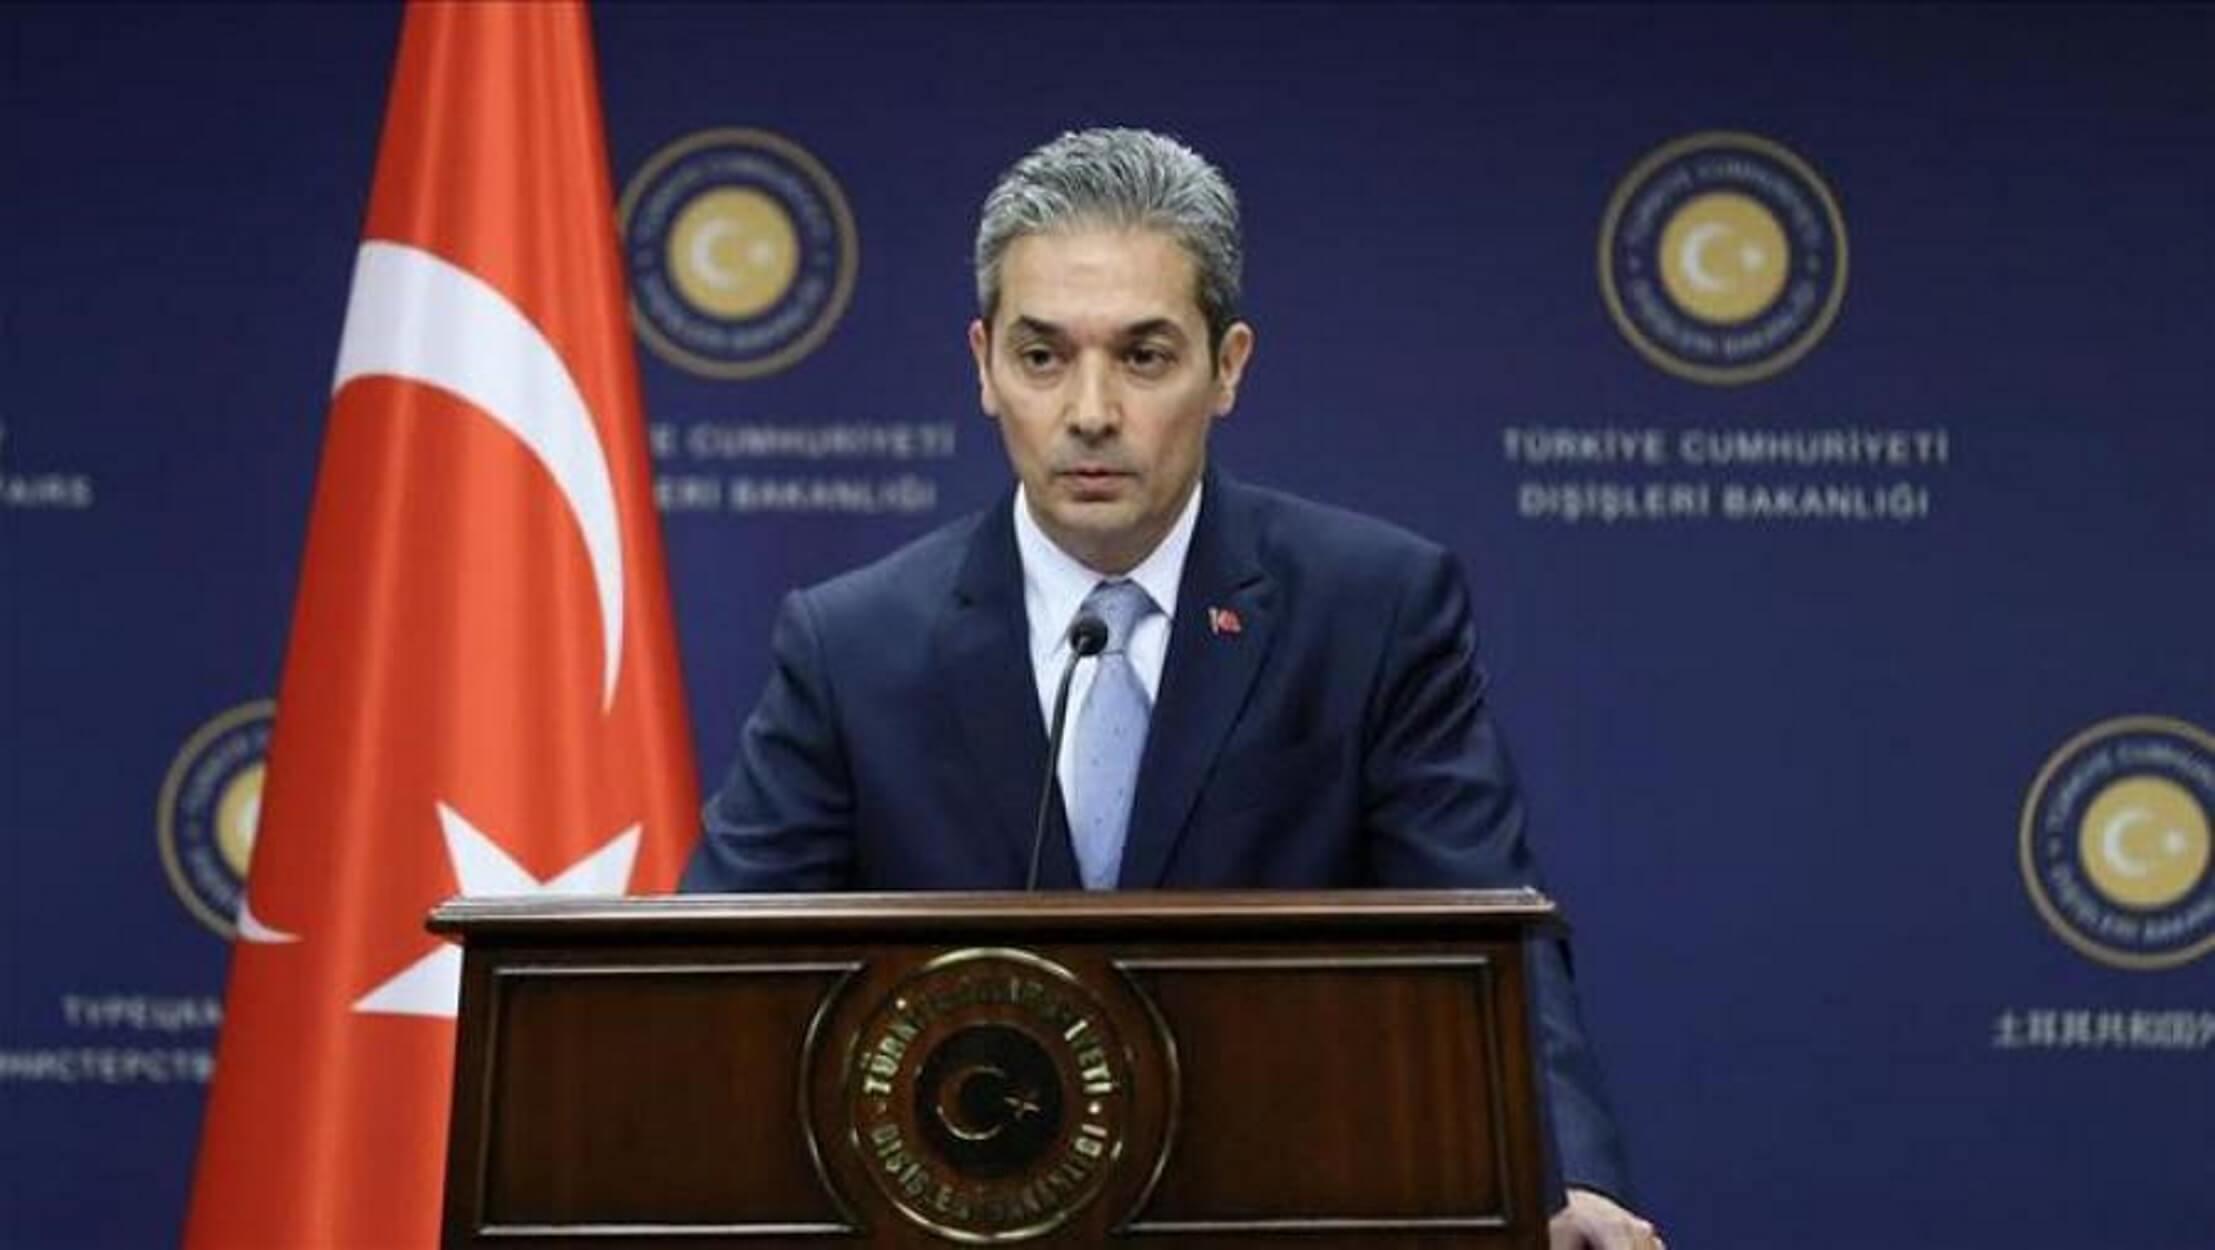 Τουρκικό ΥΠΕΞ: Αντί η Αθήνα να απαντά στις Navtex, ας απαντήσει στις εκκλήσεις μας για συνομιλίες